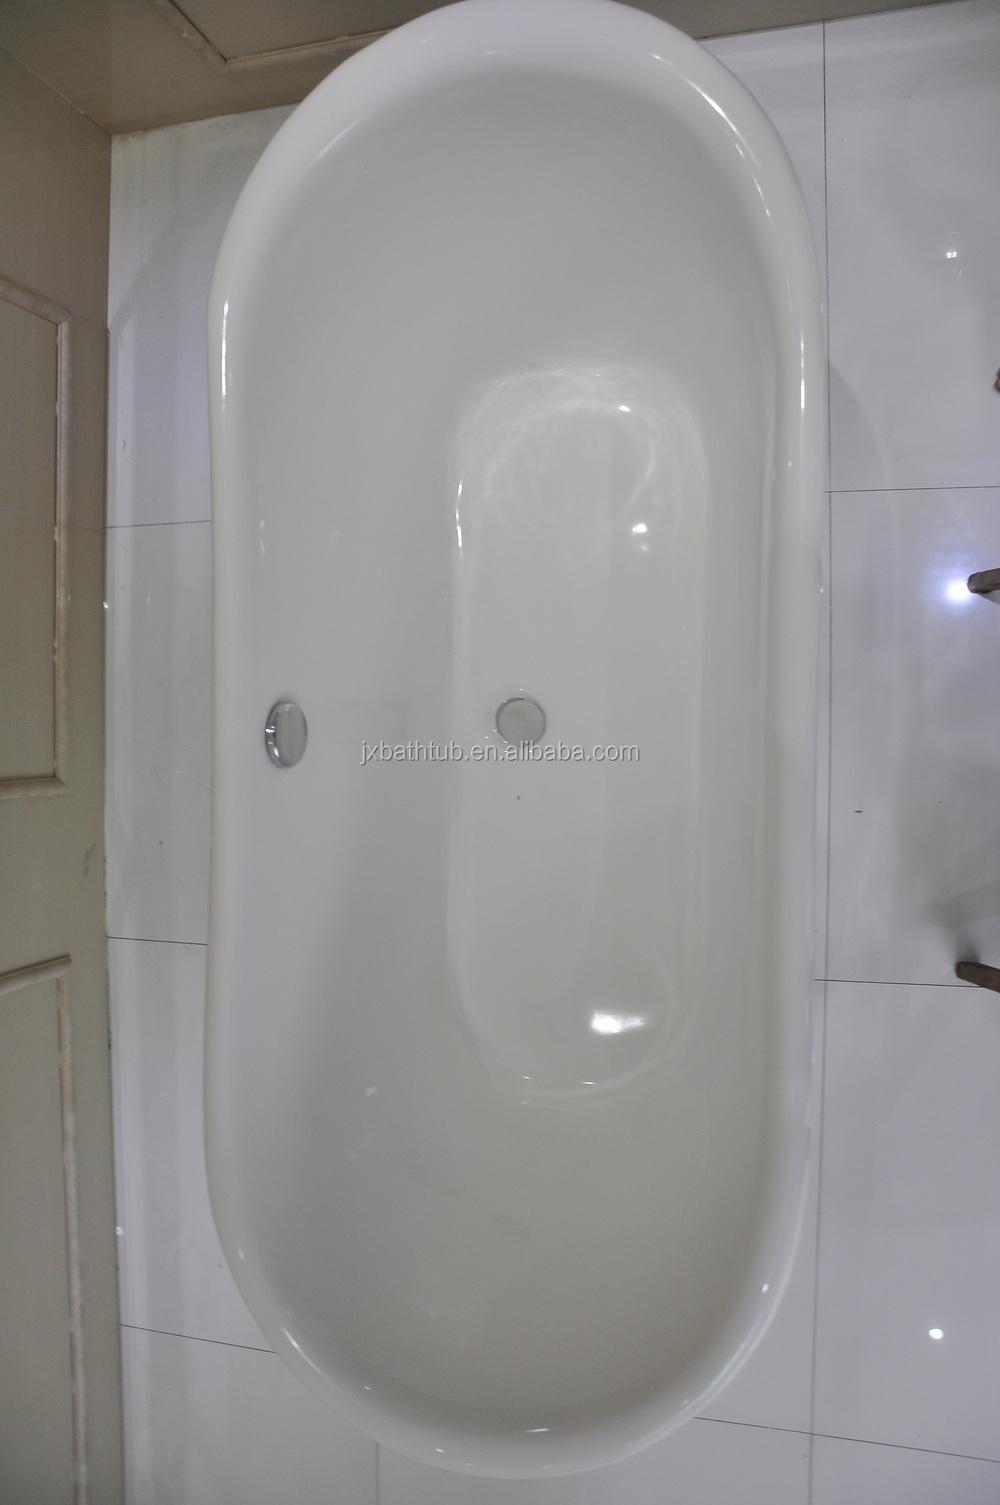 Skirted cast iron bath tub extra large bathtubs deep for Deepest bathtub available